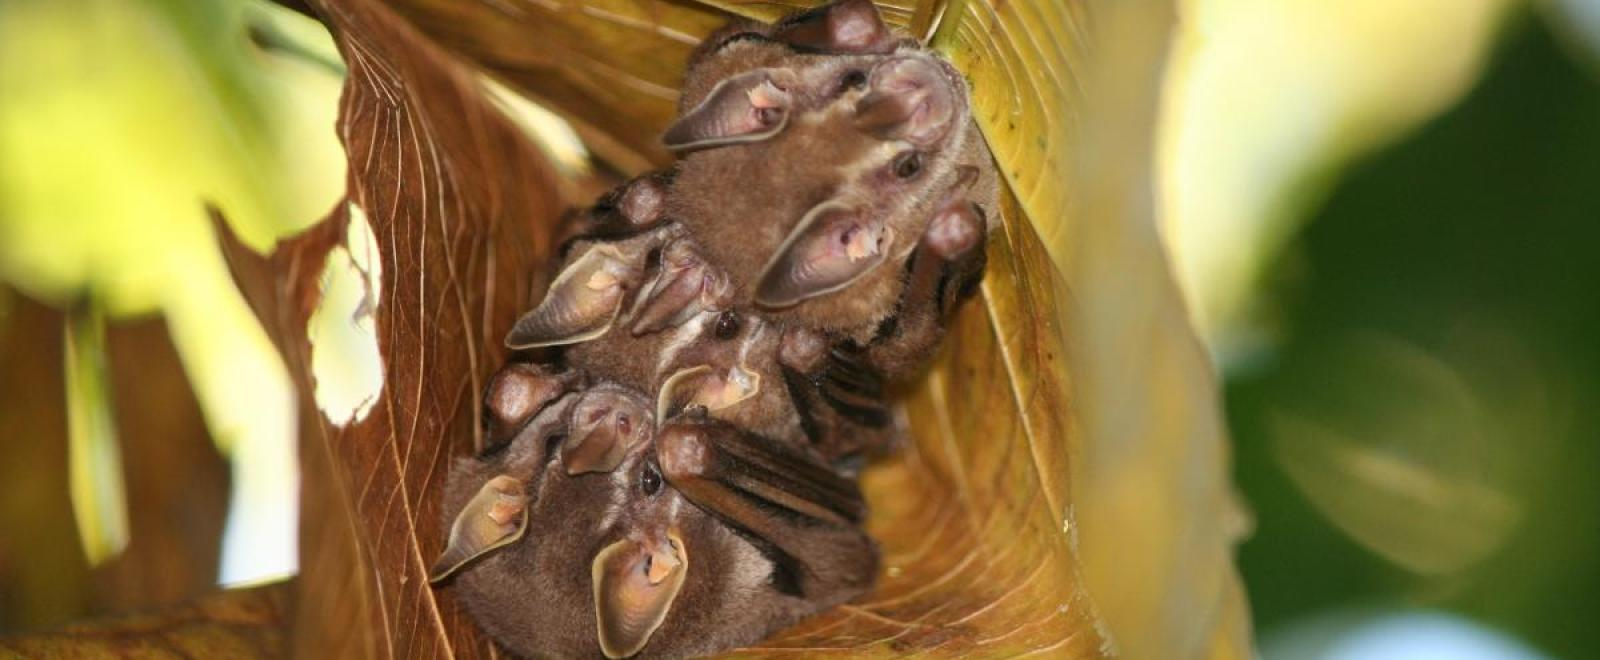 Erfahrungsberichte: Tier- und Naturschutz im Regenwald auf Costa Rica von Duncan M